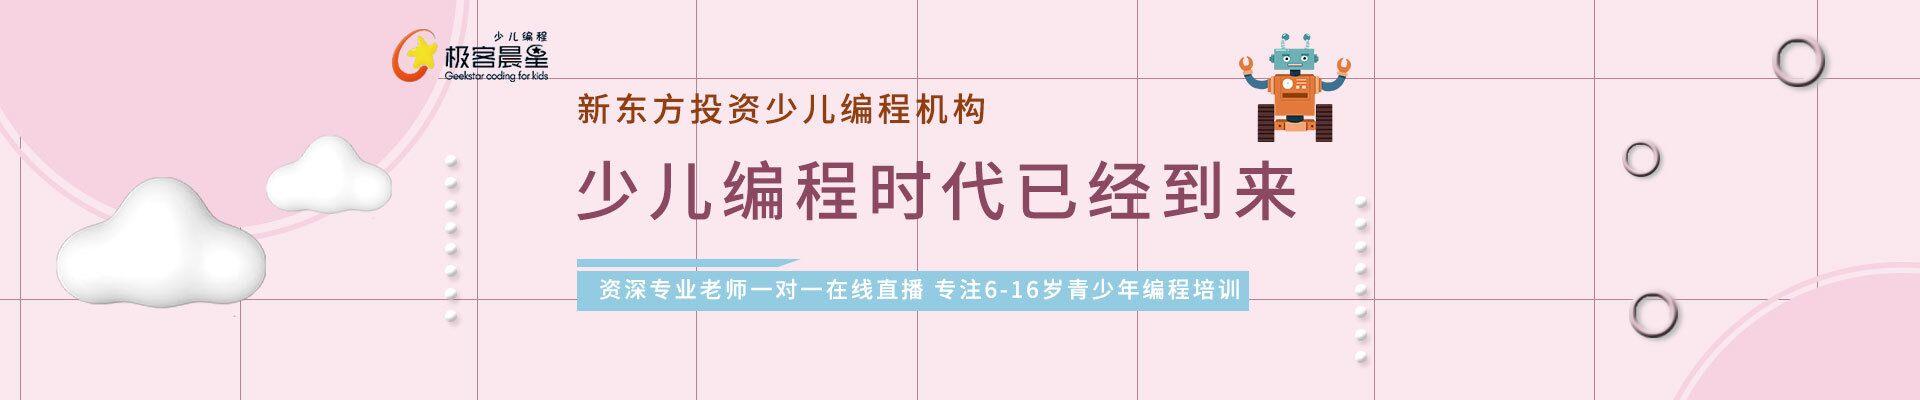 沧州黄骅市枫景华城极客晨星少儿编程培训